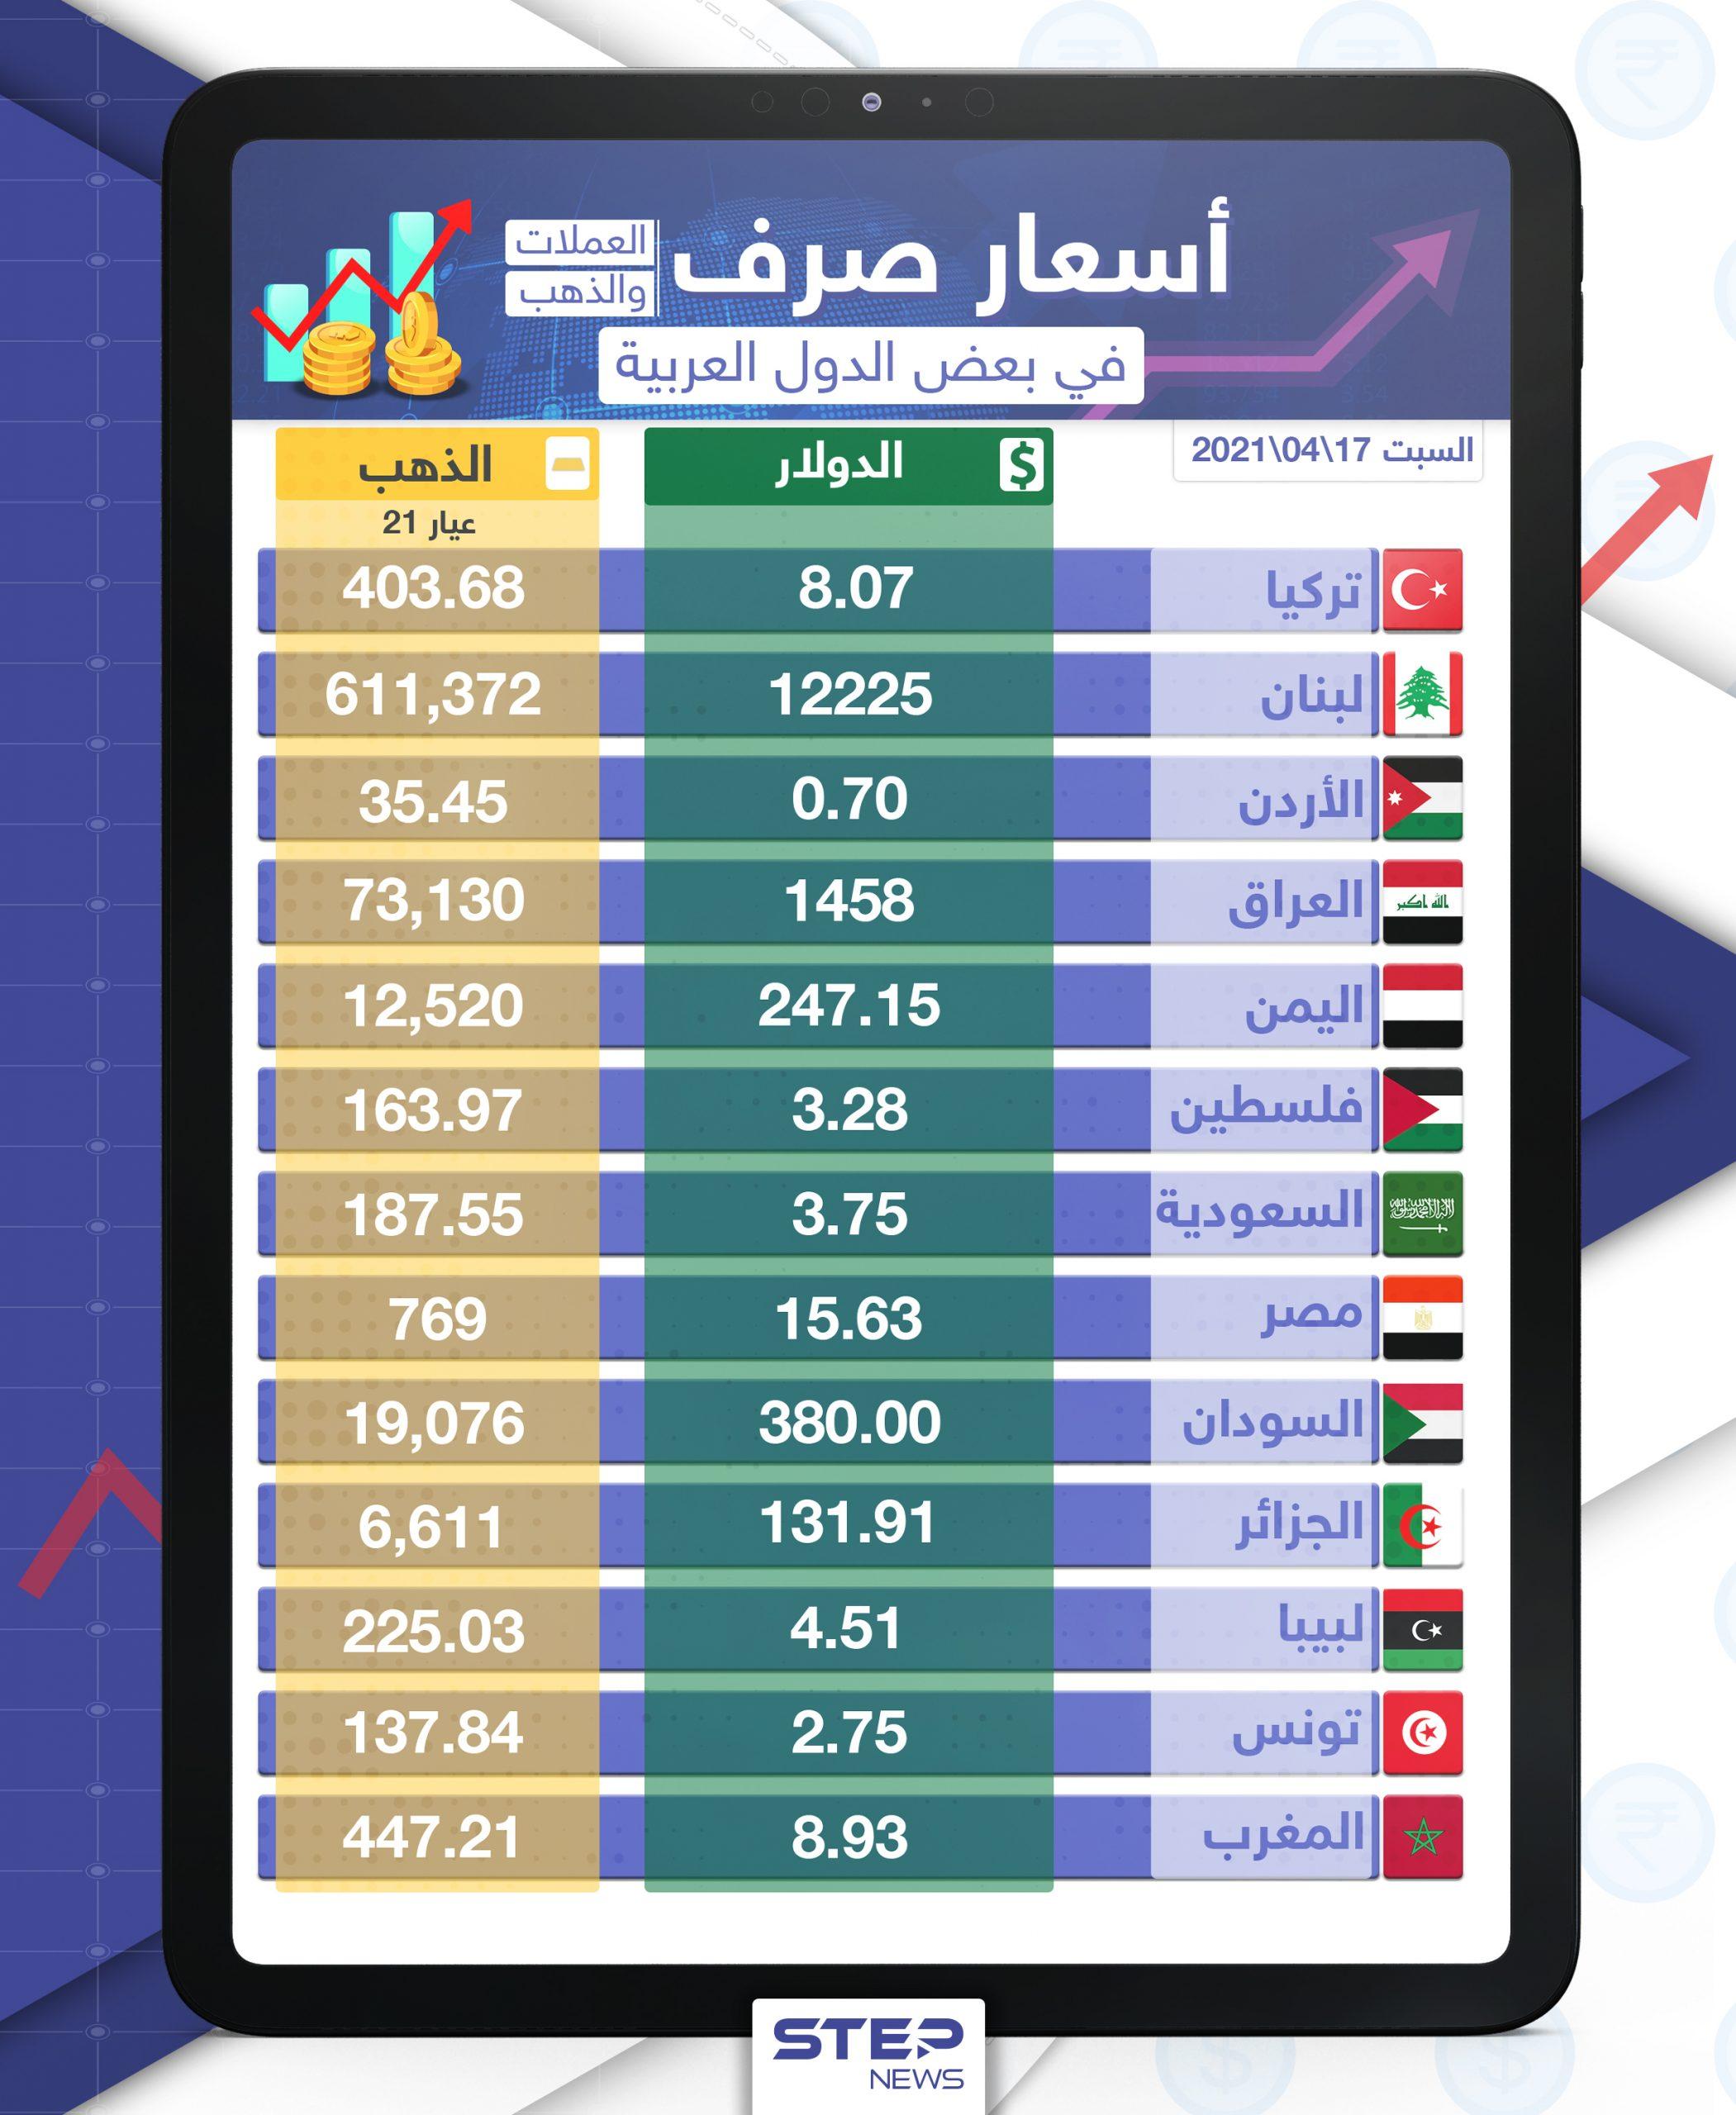 أسعار الذهب والعملات للدول العربية وتركيا اليوم السبت الموافق 17 نيسان 2021